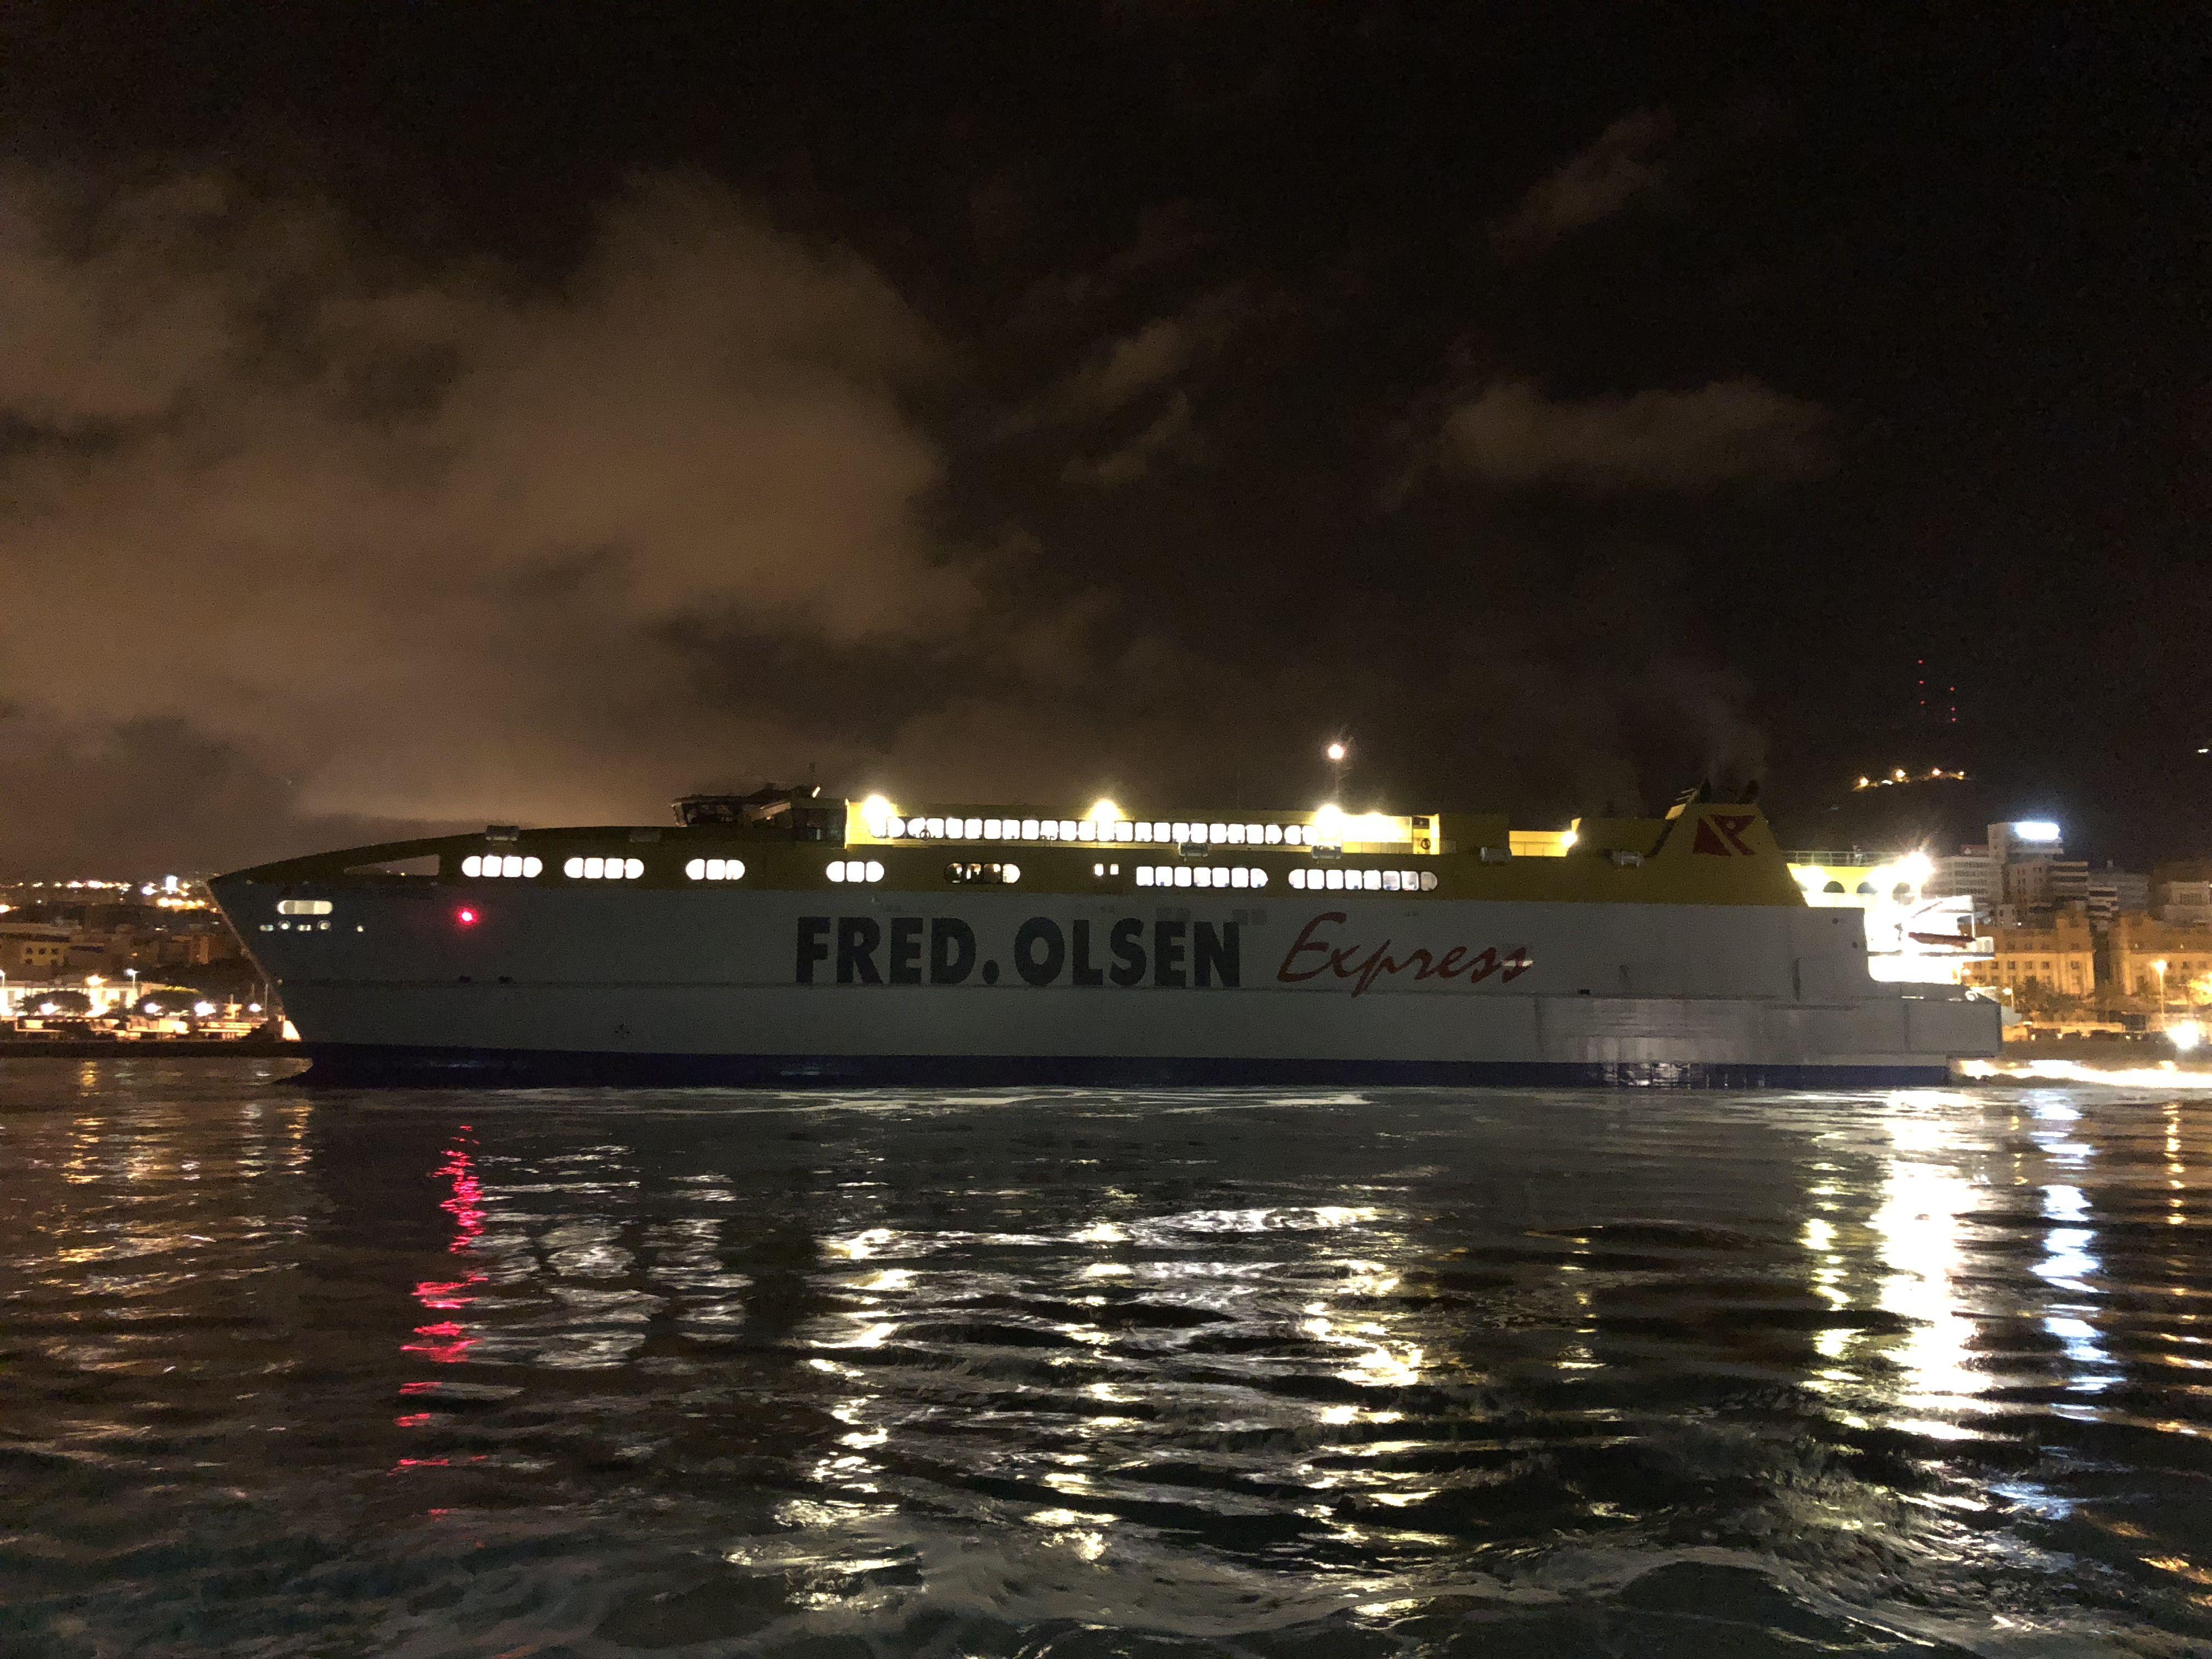 El buque se encuentra atracado en la Dársena de Los Llanos